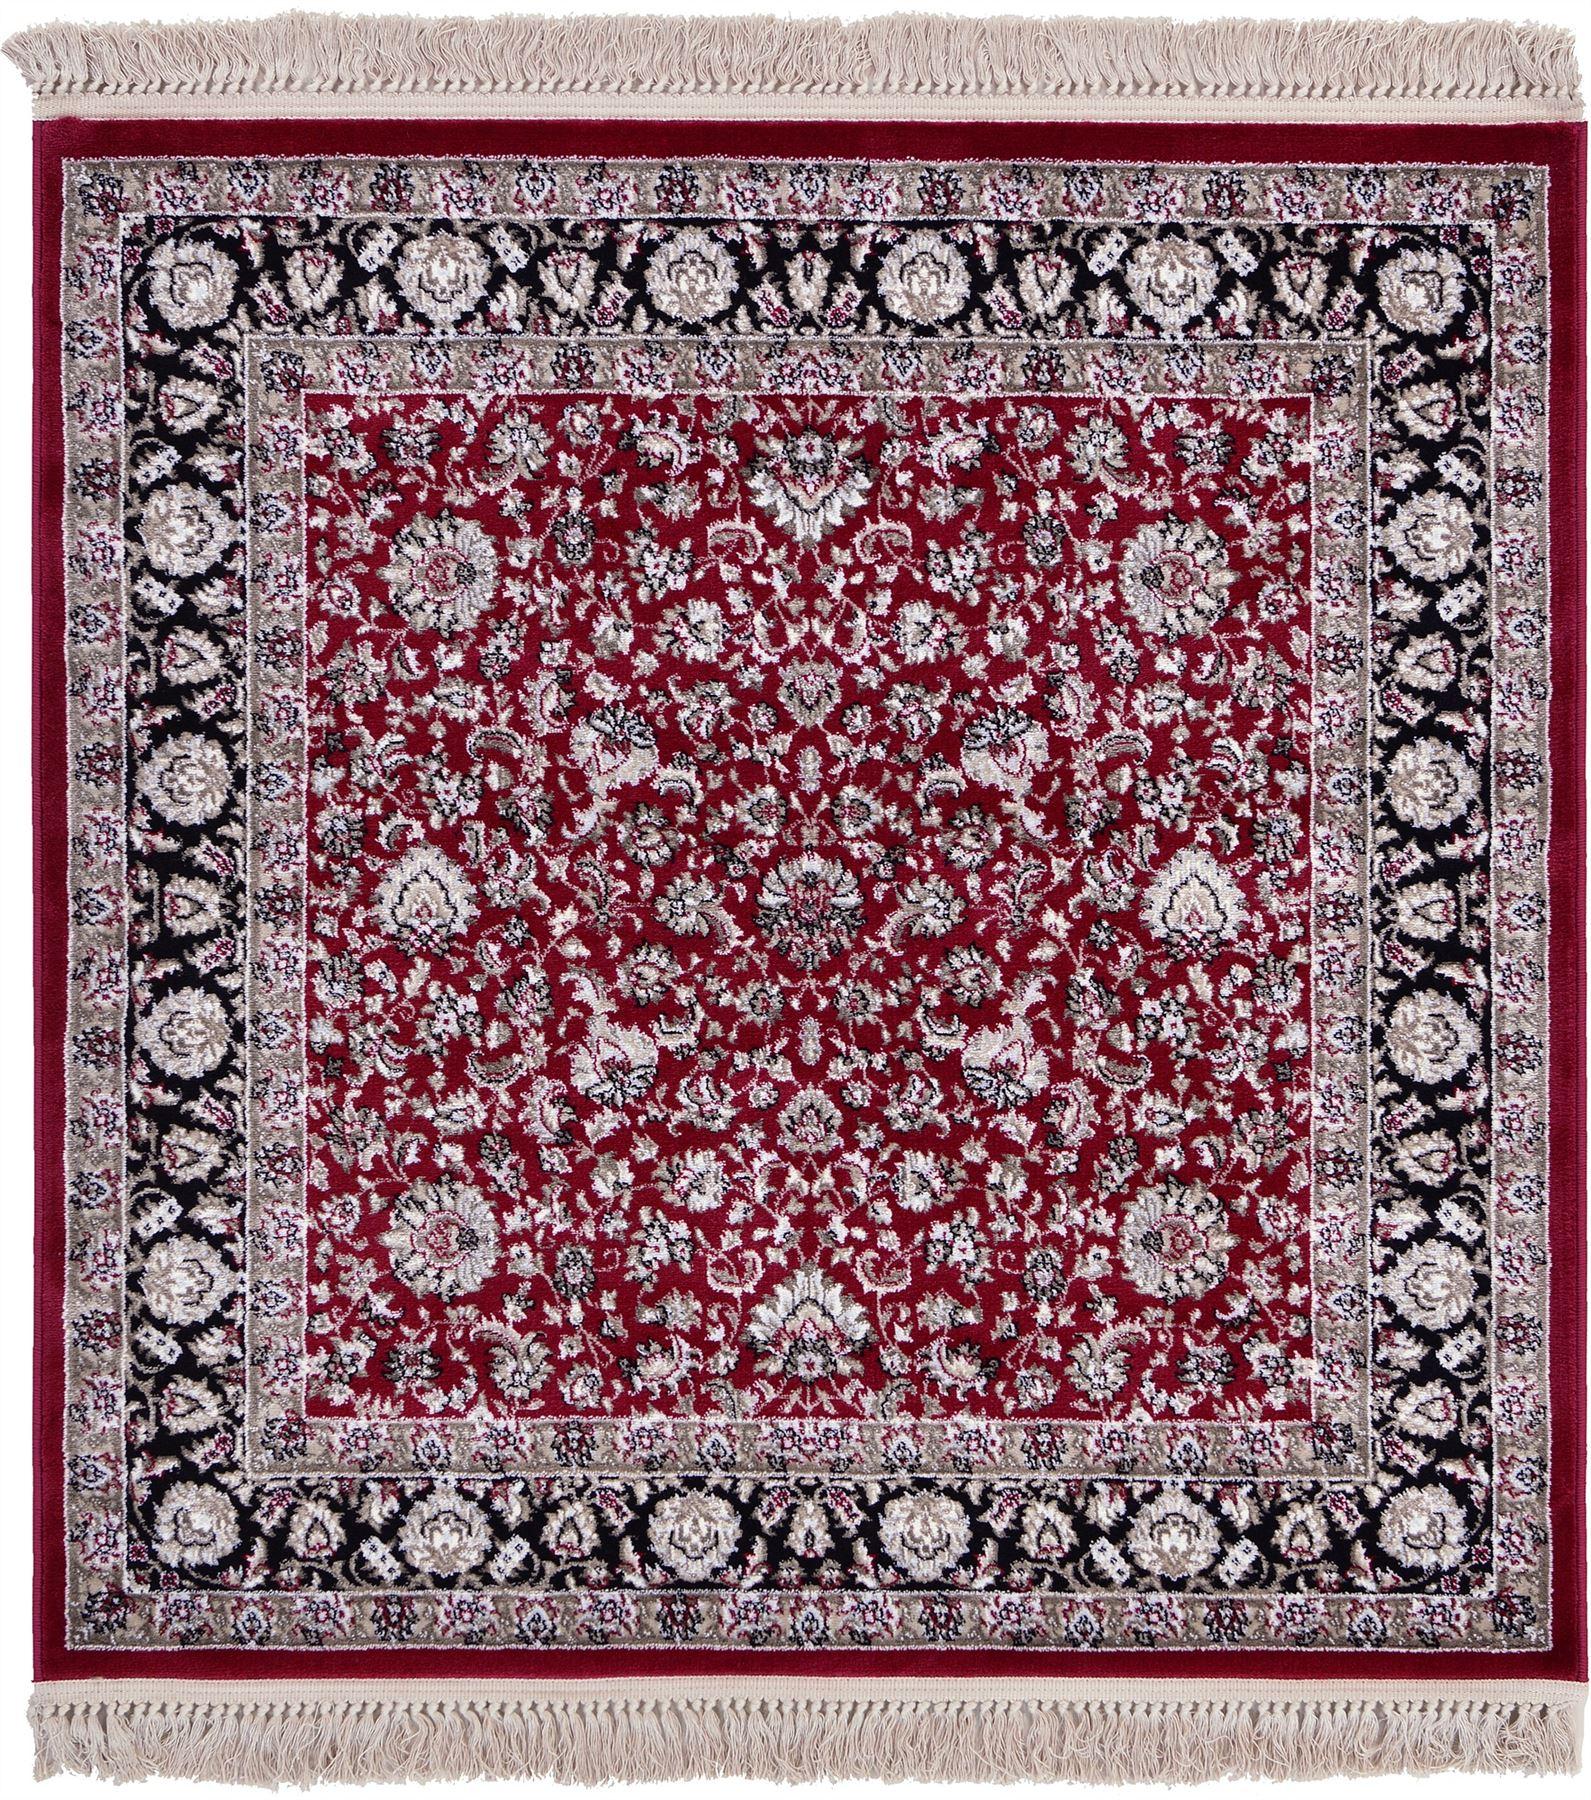 Persian Rugs: Traditional Persian Carpet Oriental Area Rug Kashan Design